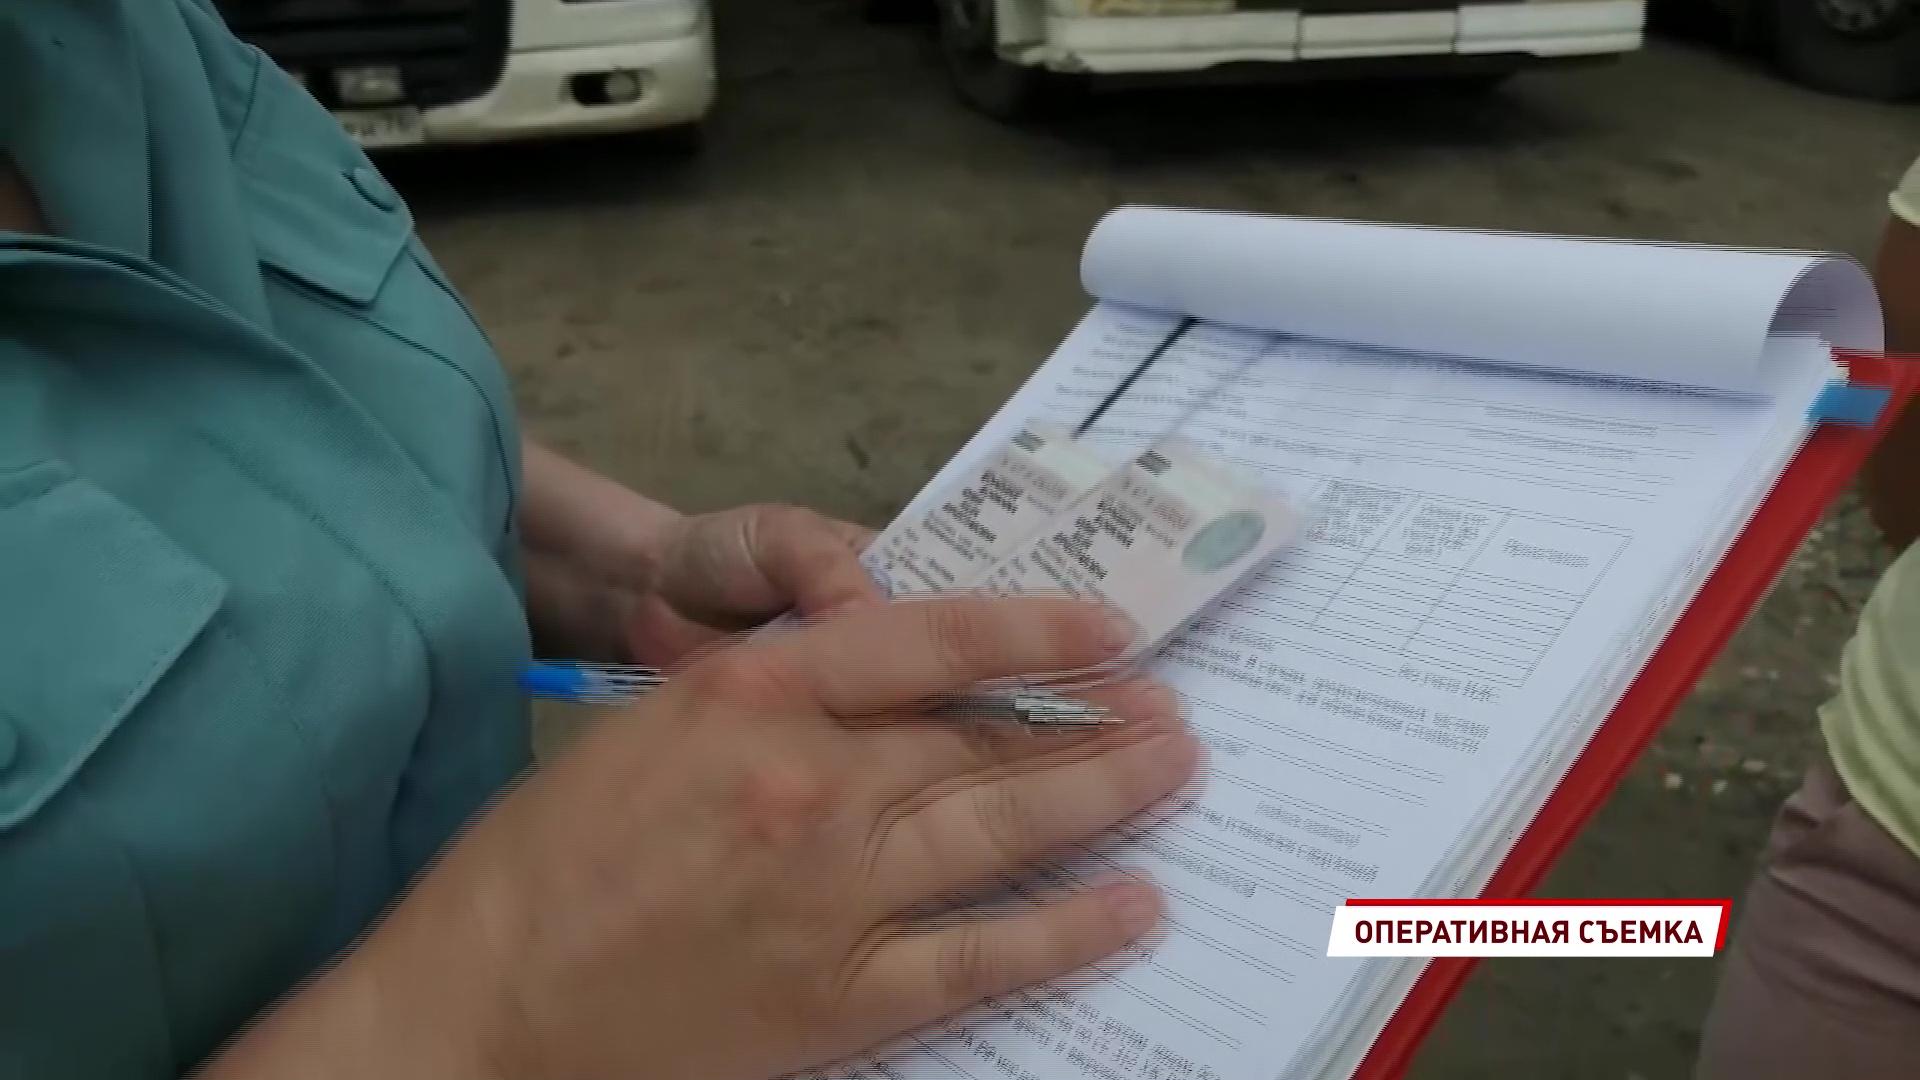 Ярославна расплатилась с бывшим мужем грузовиком